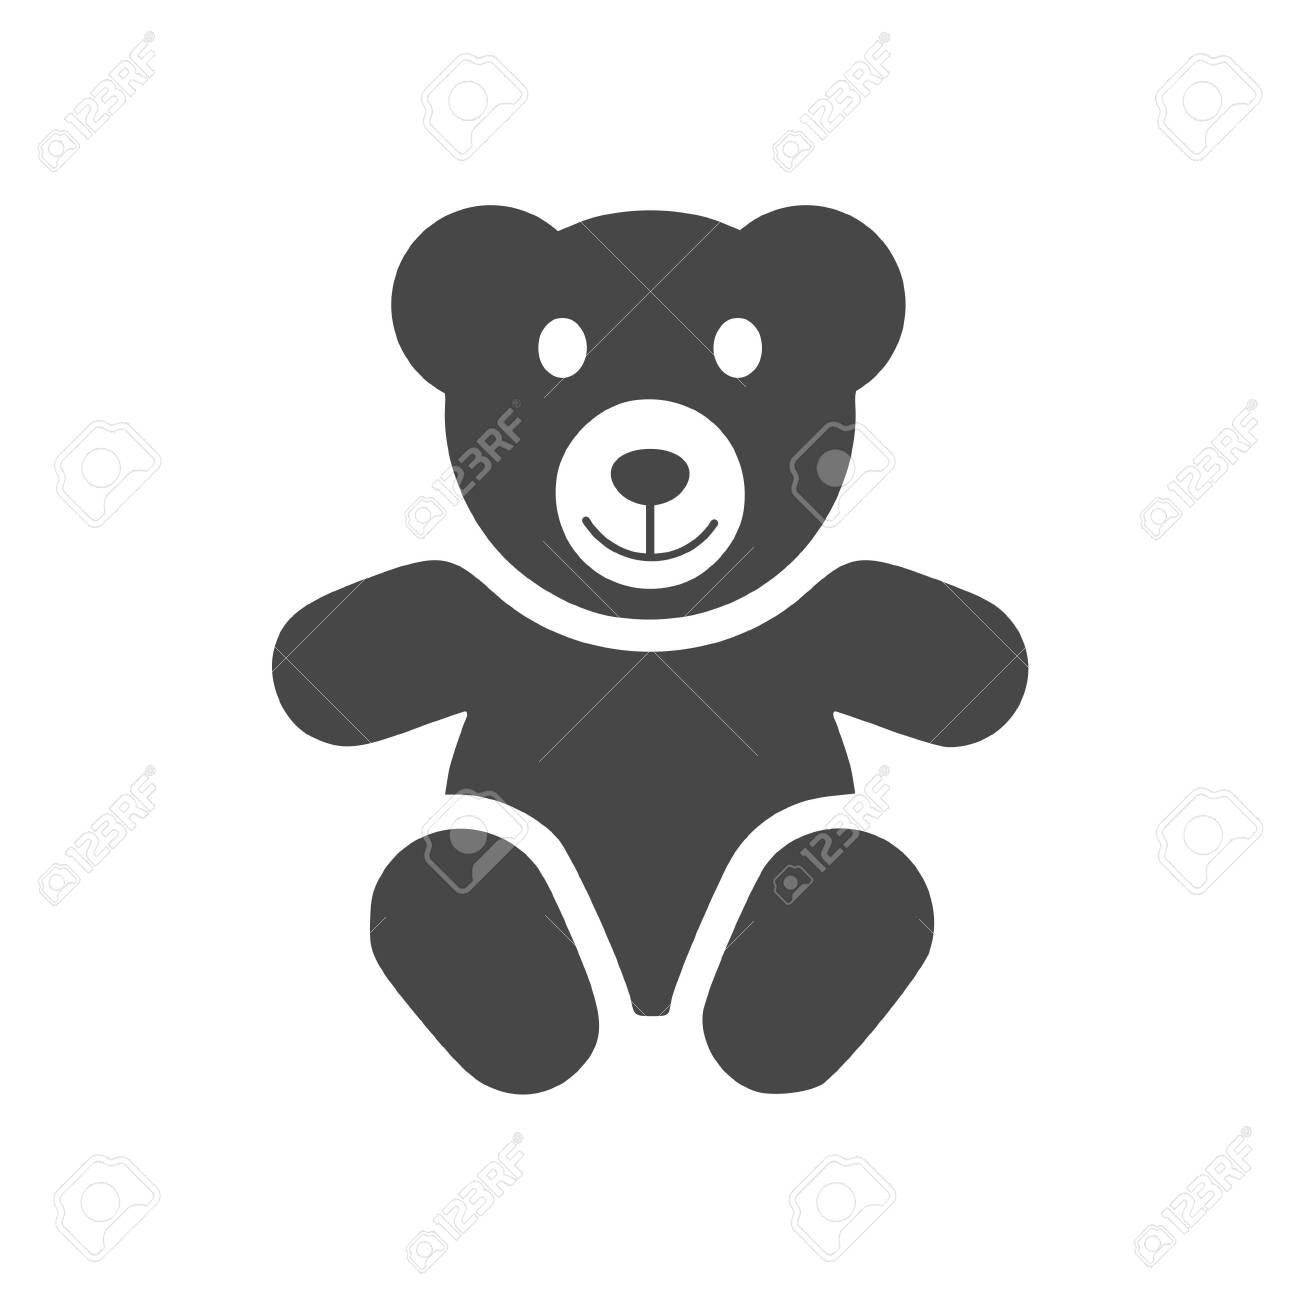 Cute smiling teddy bear icon - 138293926